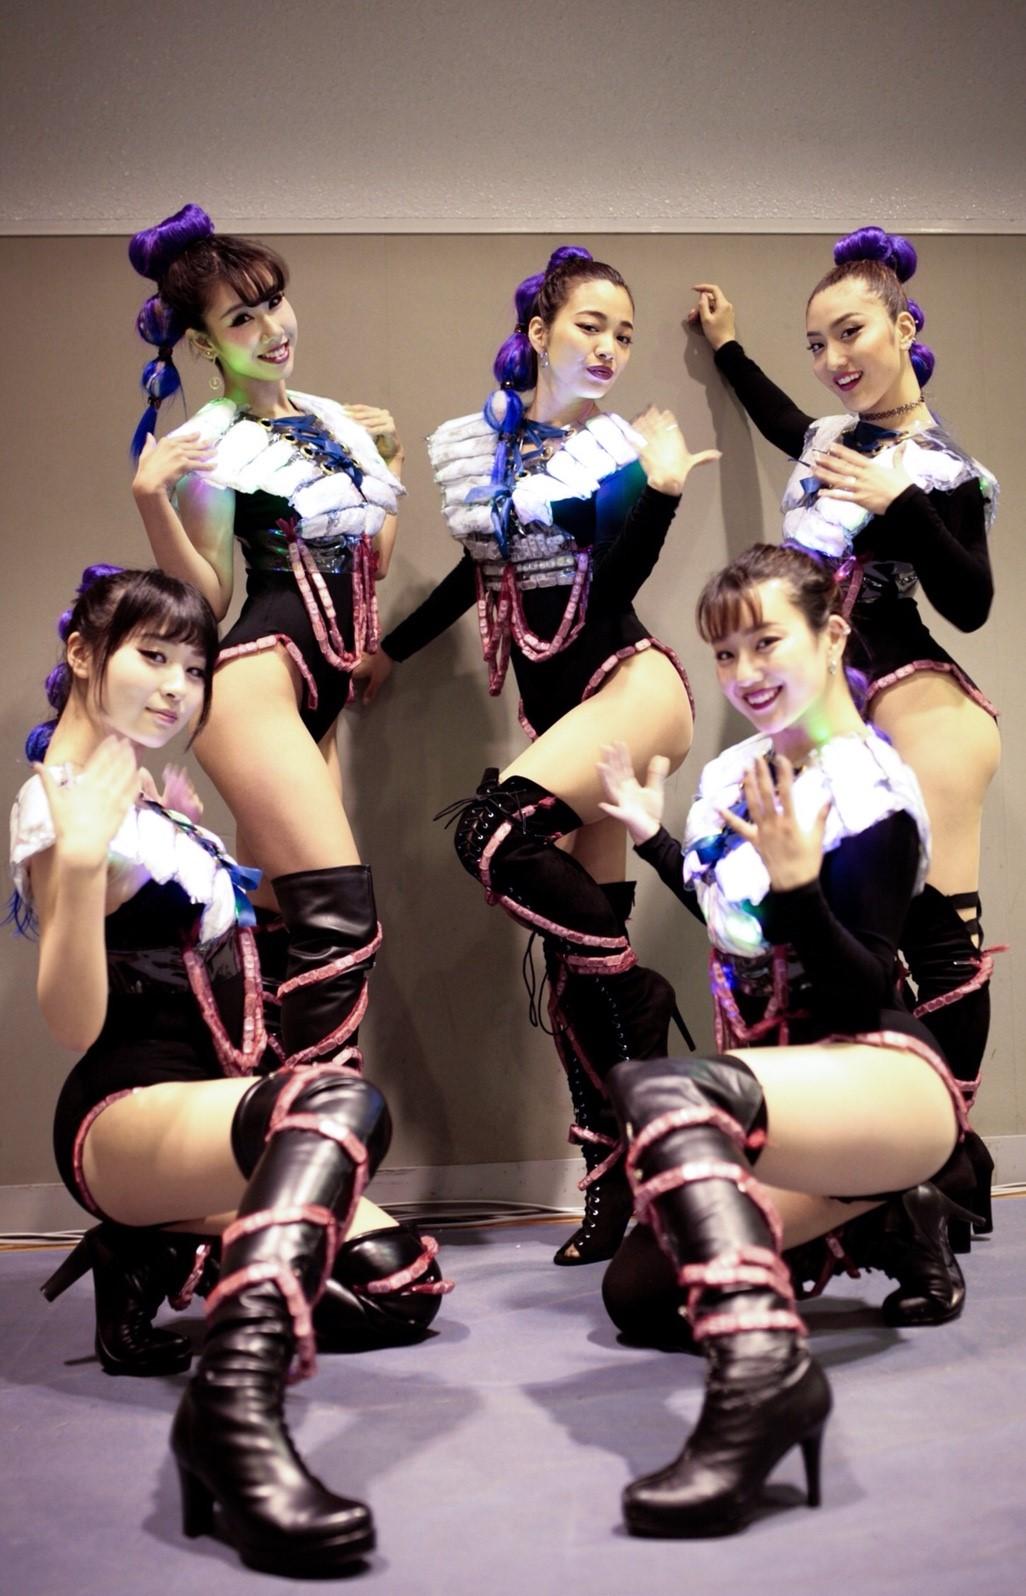 Neon dancers0331_180402_0043